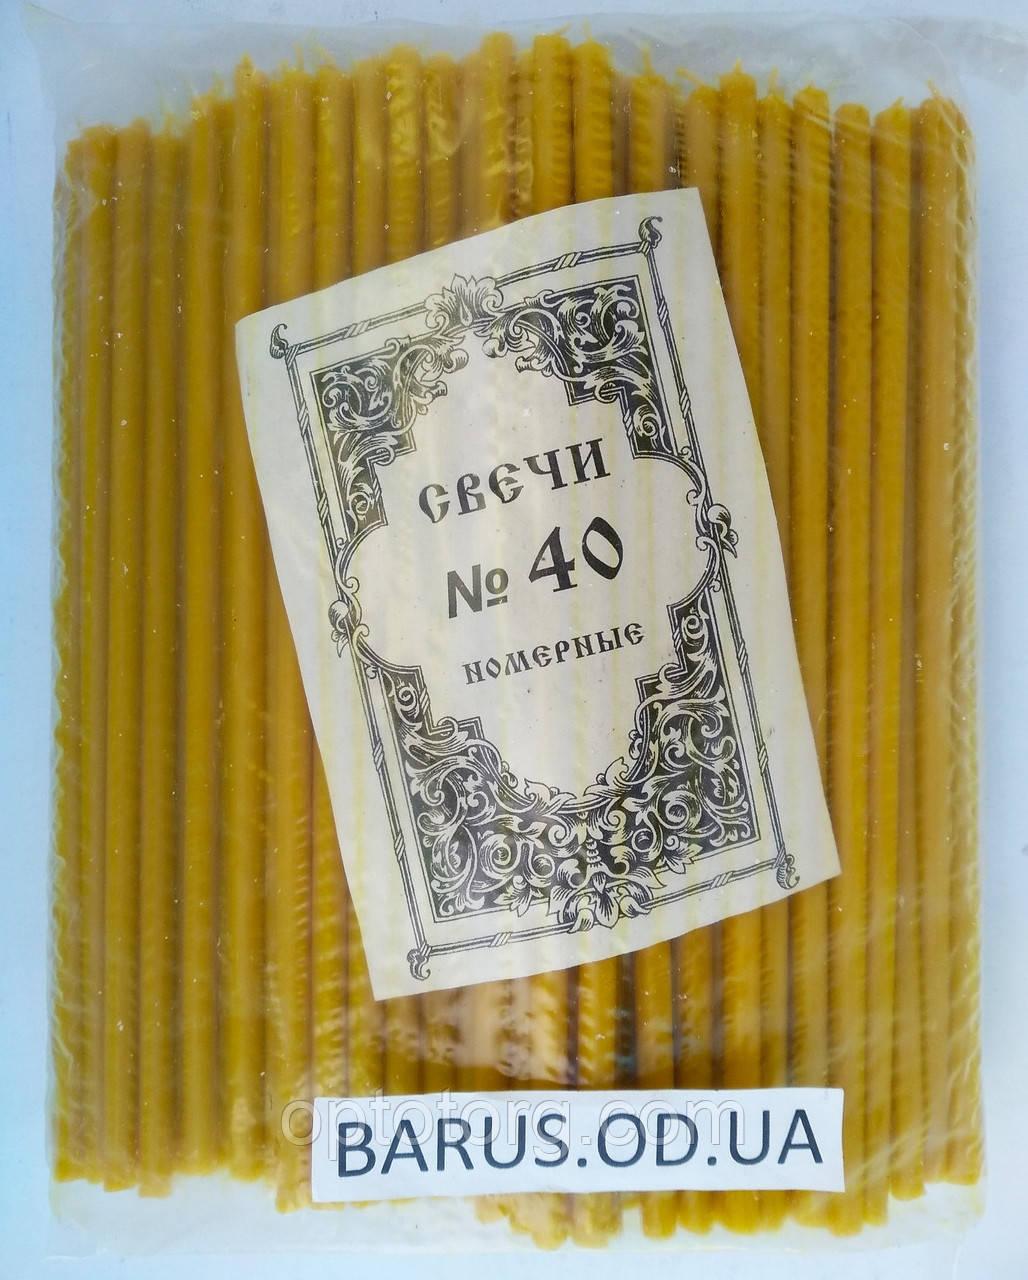 Свечи церковные 10% воск  2 кг 200 шт №40